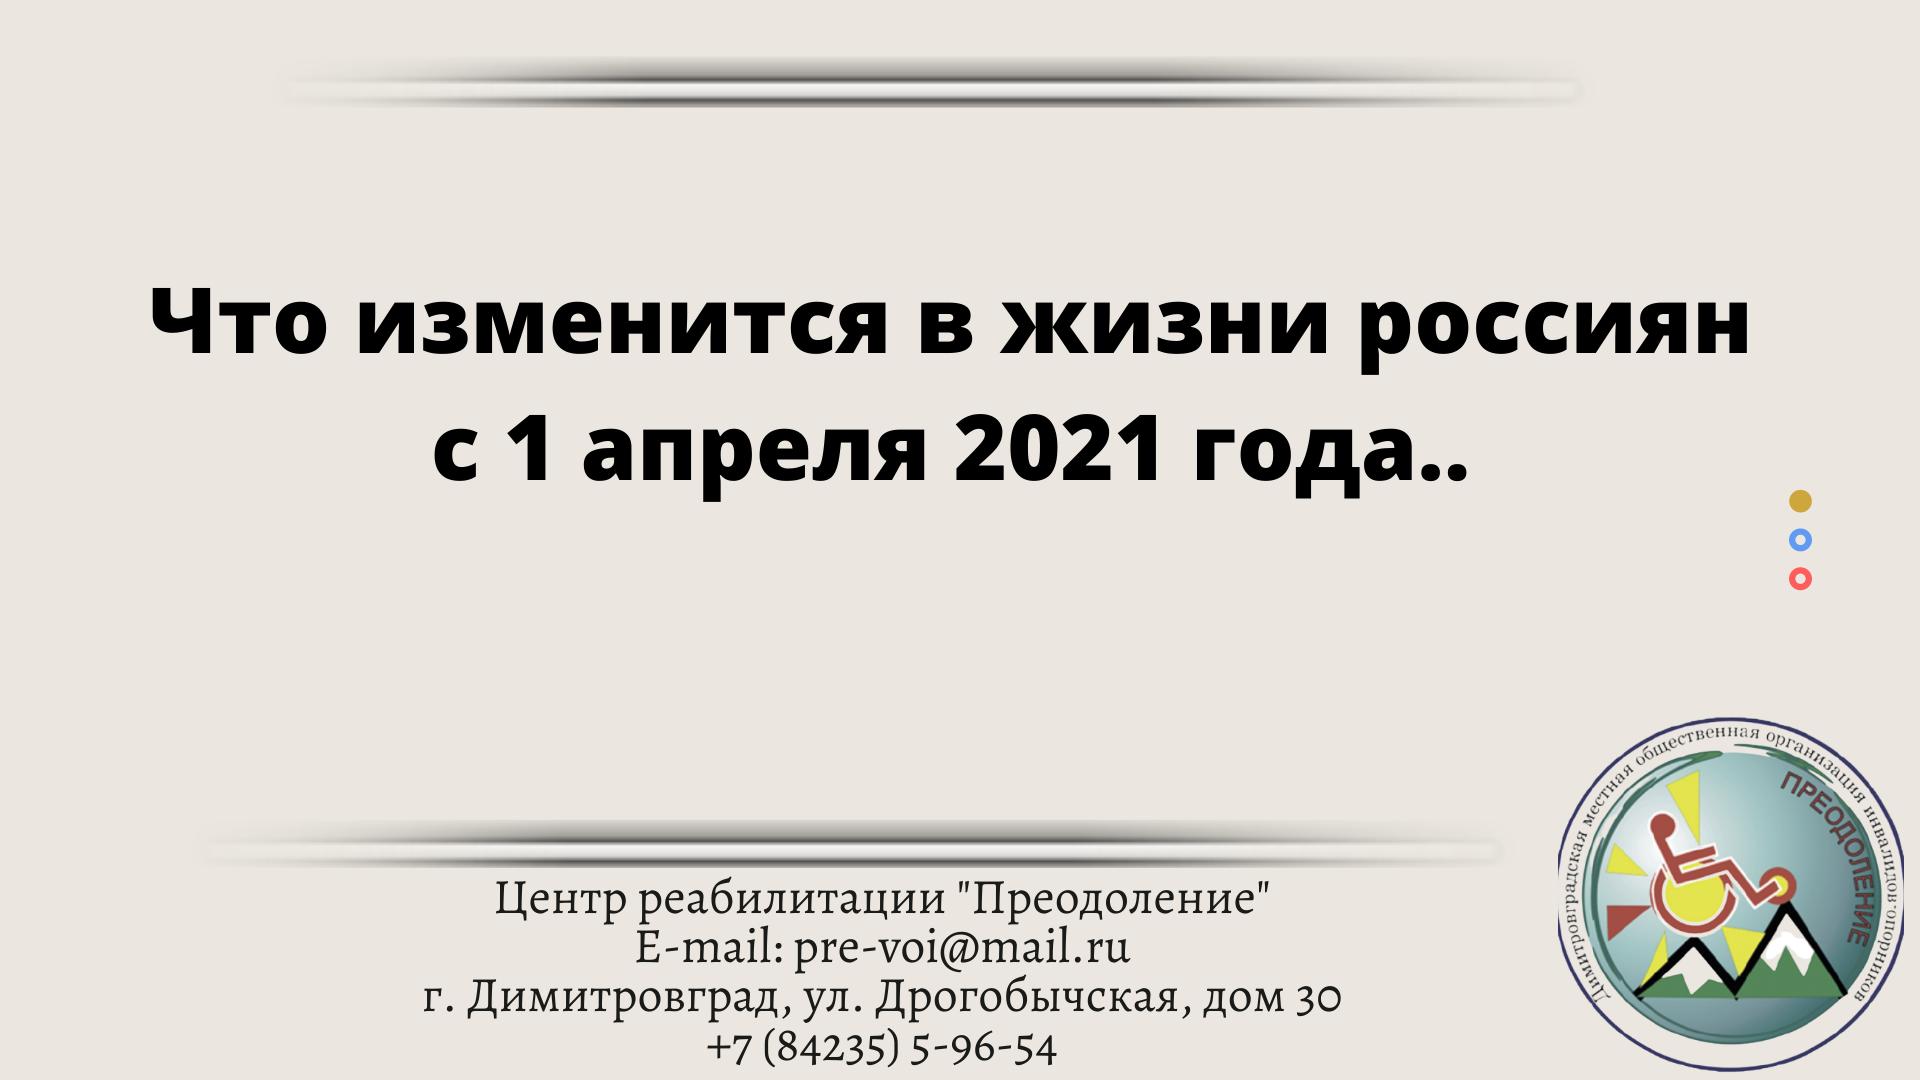 Что изменится в жизни россиян с 1 апреля 2021 года..